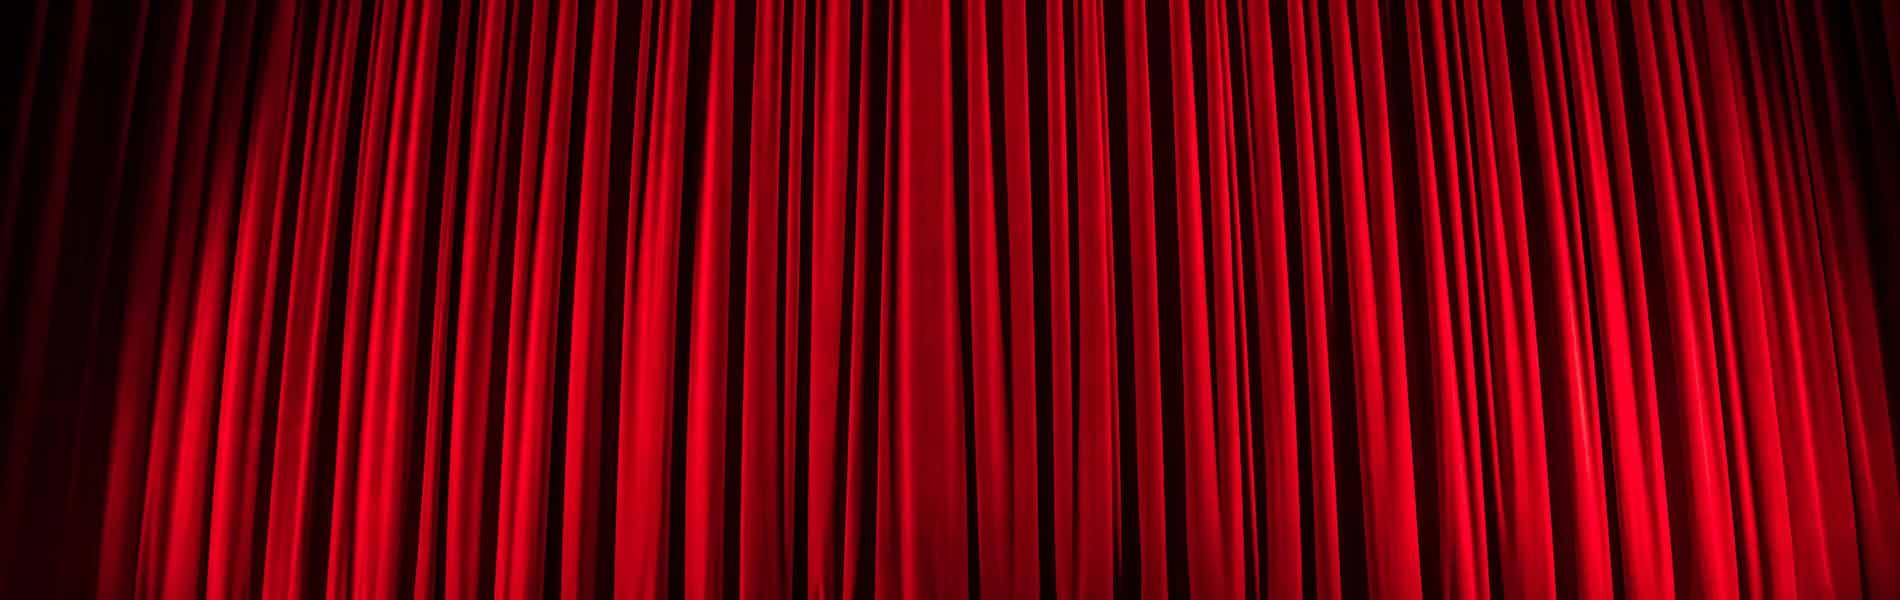 להיות זבוב על קיר חדר הטיפולים: פרפורמנס טיפולי - הטיפול כאי